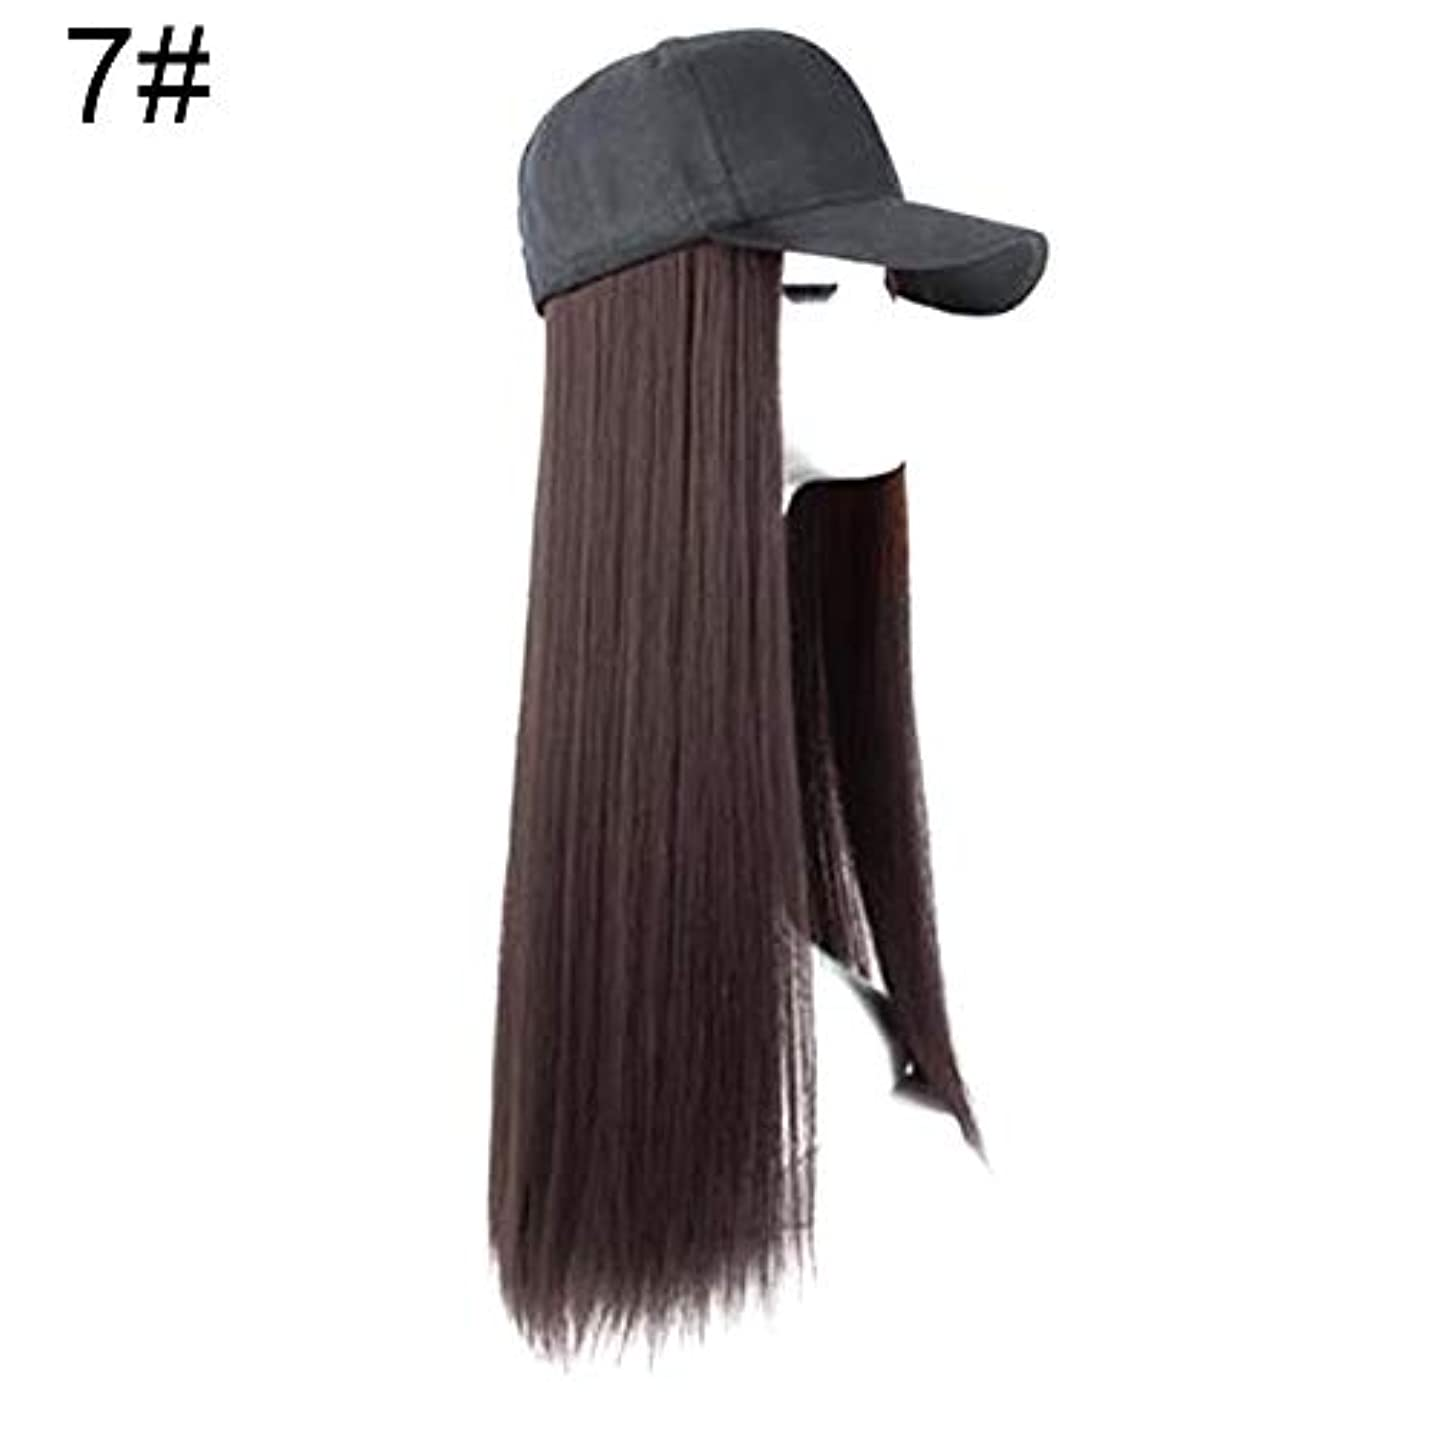 揺れる矢印写真を描くslQinjiansav女性ウィッグ修理ツールクリエイティブ女性2で1長いストレートカーリーヘアウィッグヘアピースと野球帽